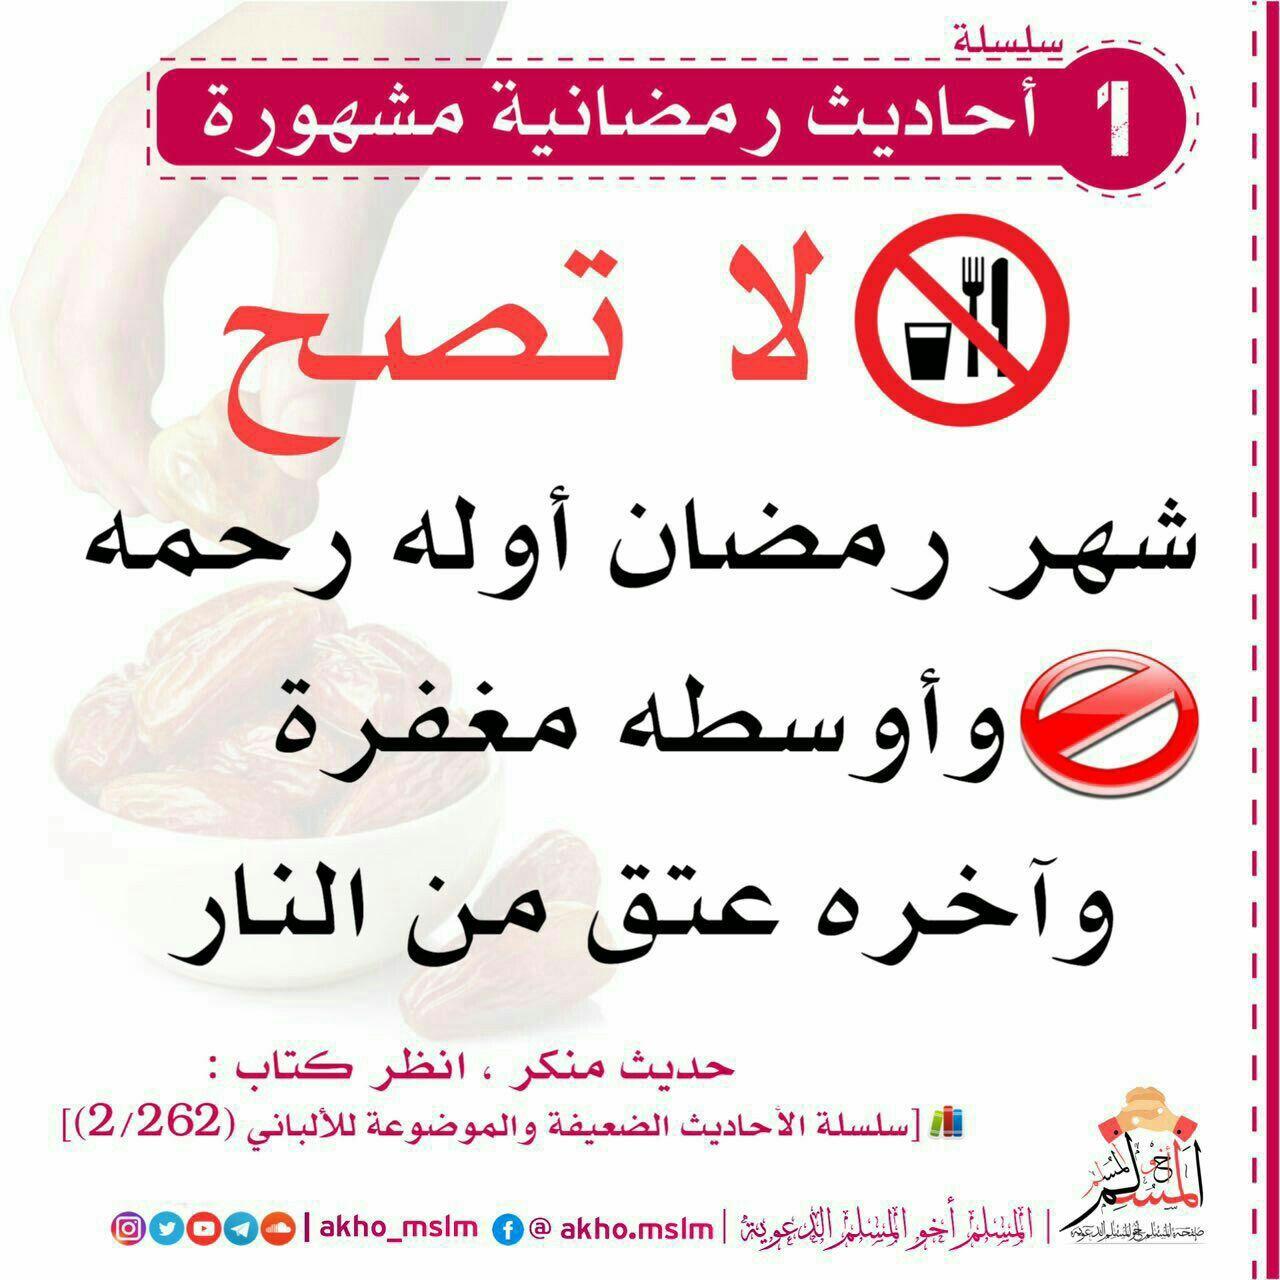 رمضان کے 3 عشروں کے متعلق مشھور ضعیف روایت ر Words Quotes Arabic Phrases Words